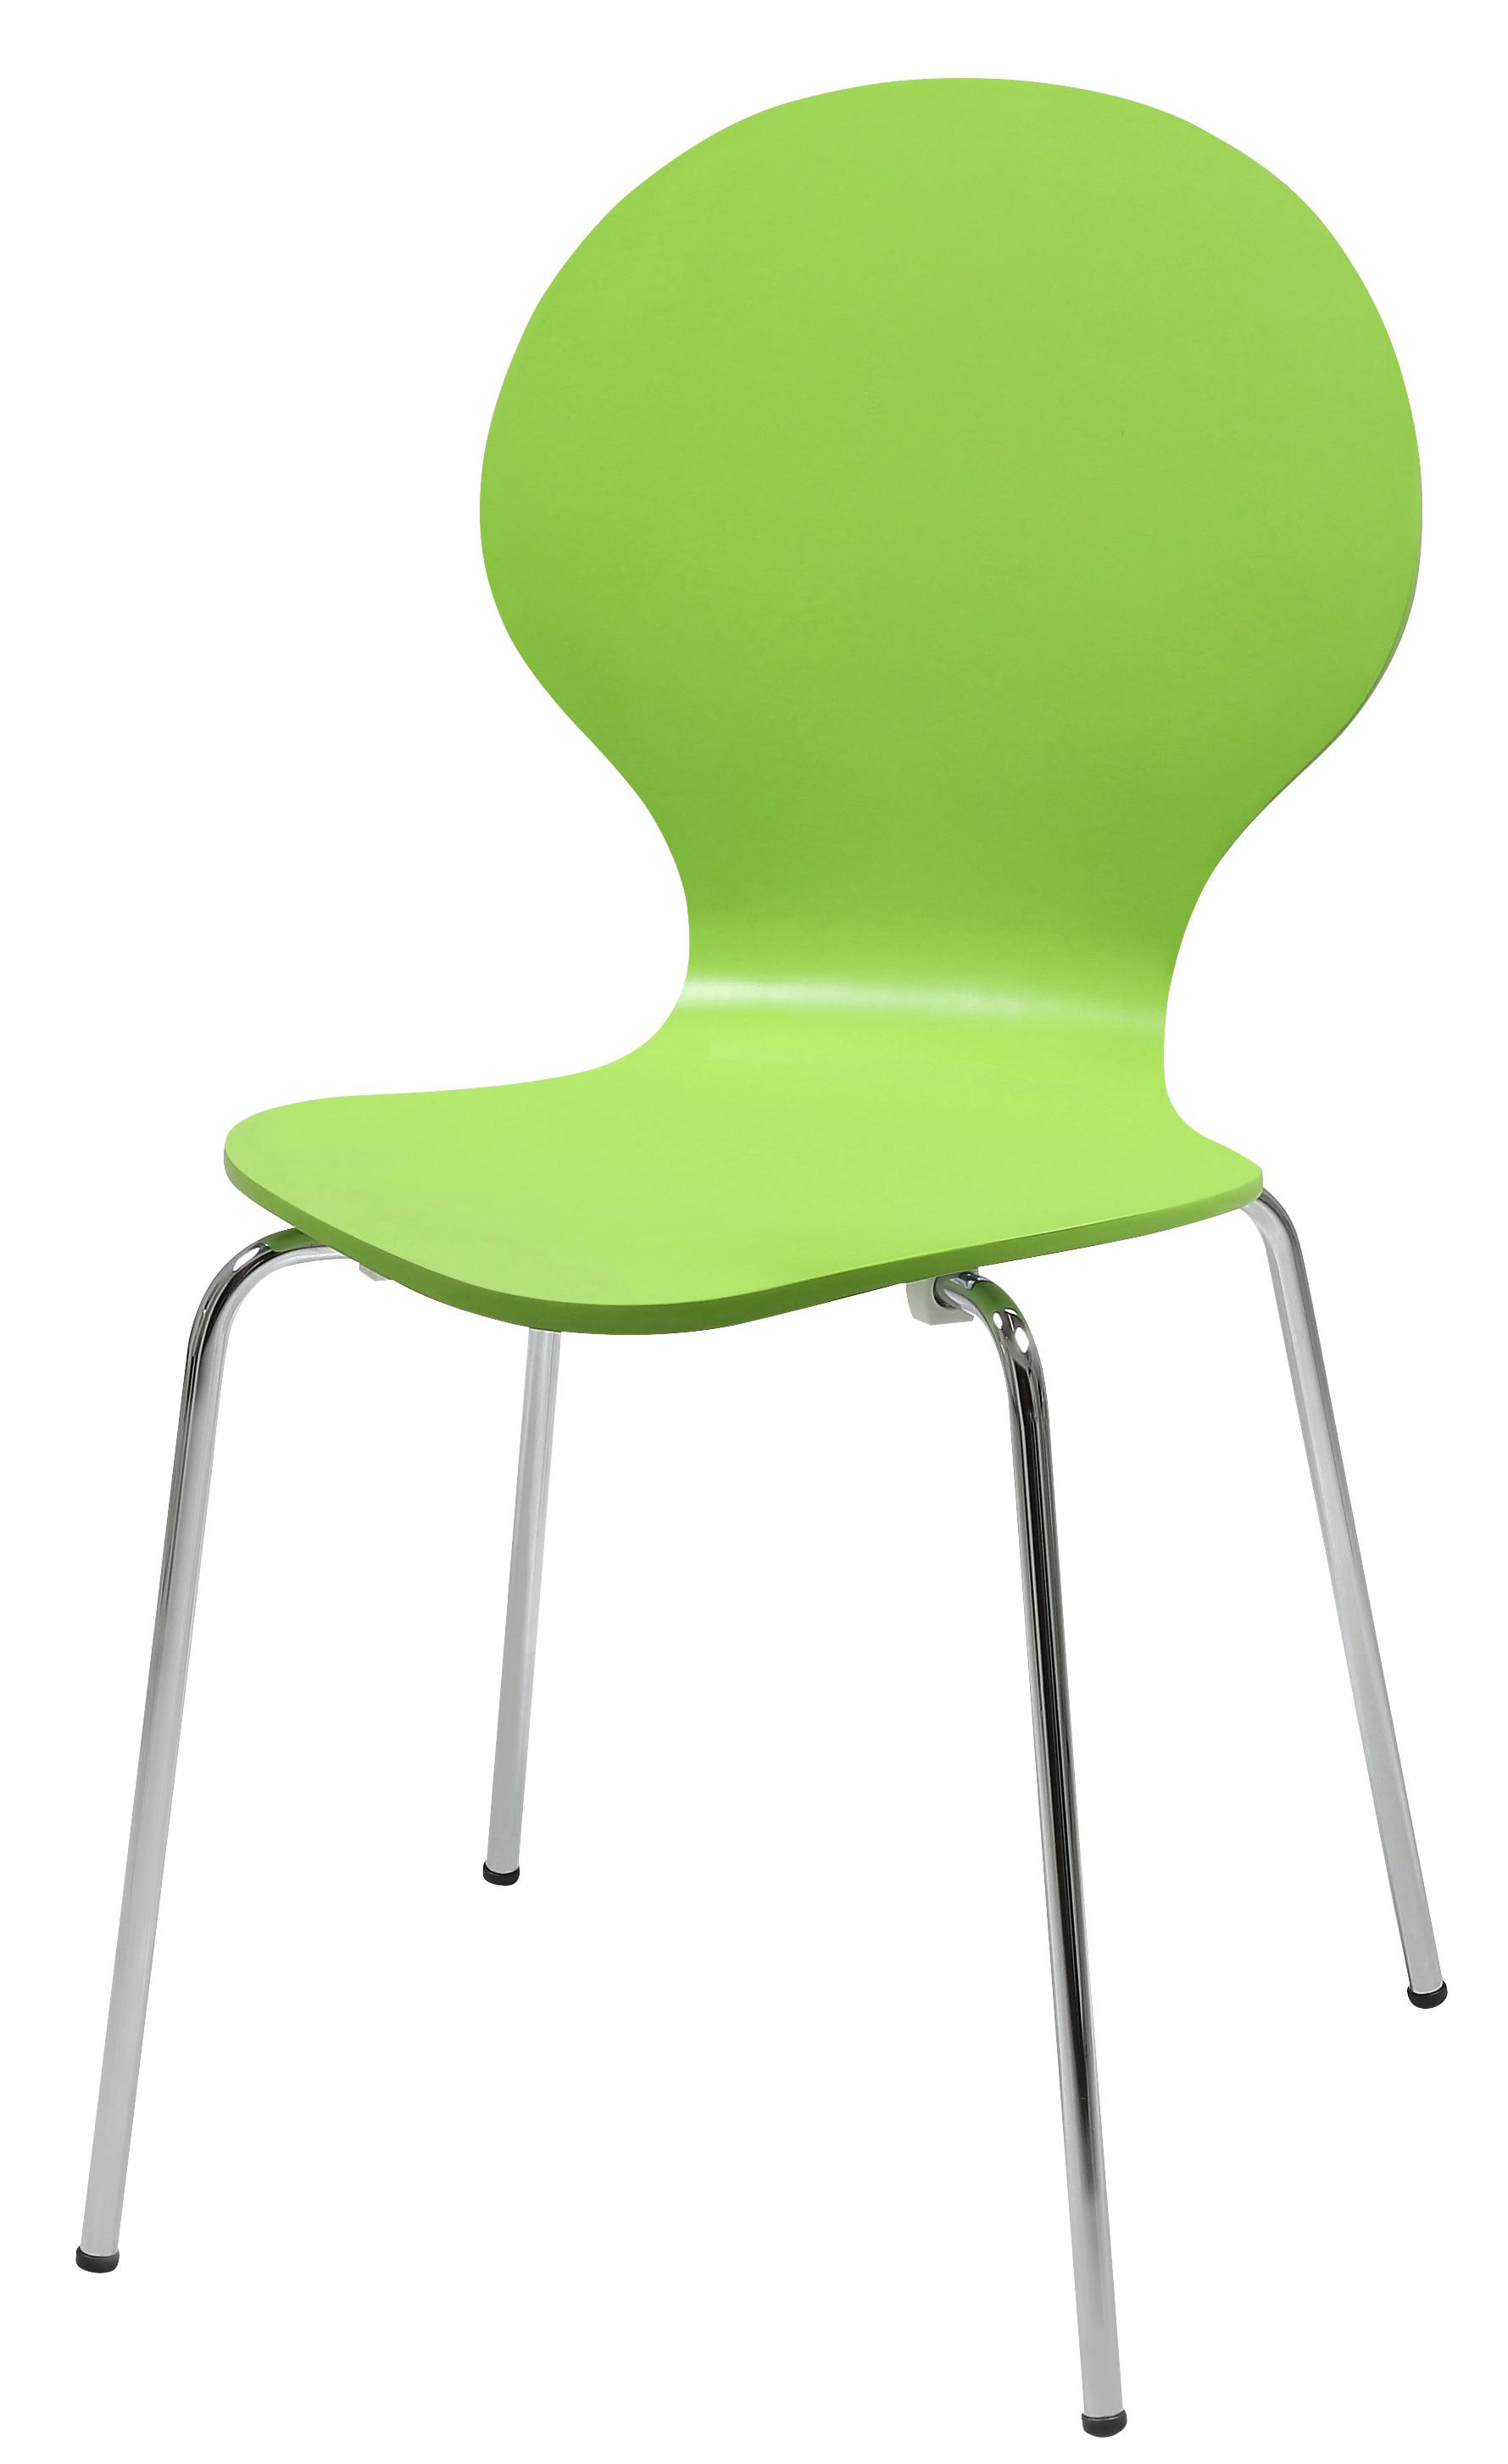 N/A Jonathan skalstol - grøn på unoliving.com